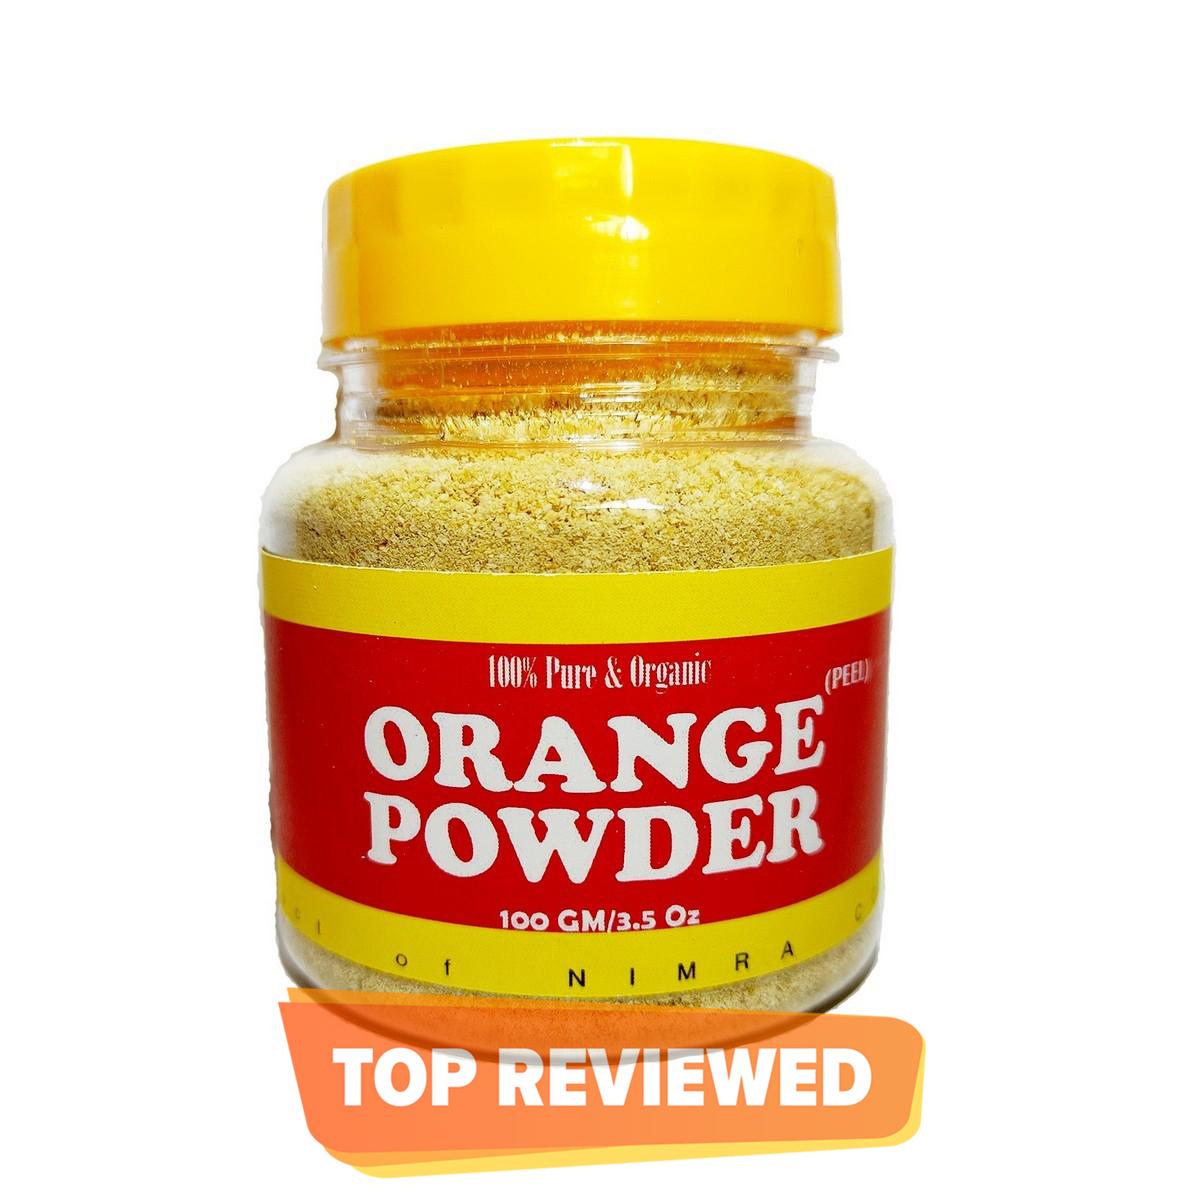 Orange peel powder 100 grams  Organic Orange Powder  100% Pure, Natural and Herbal Product for skincare